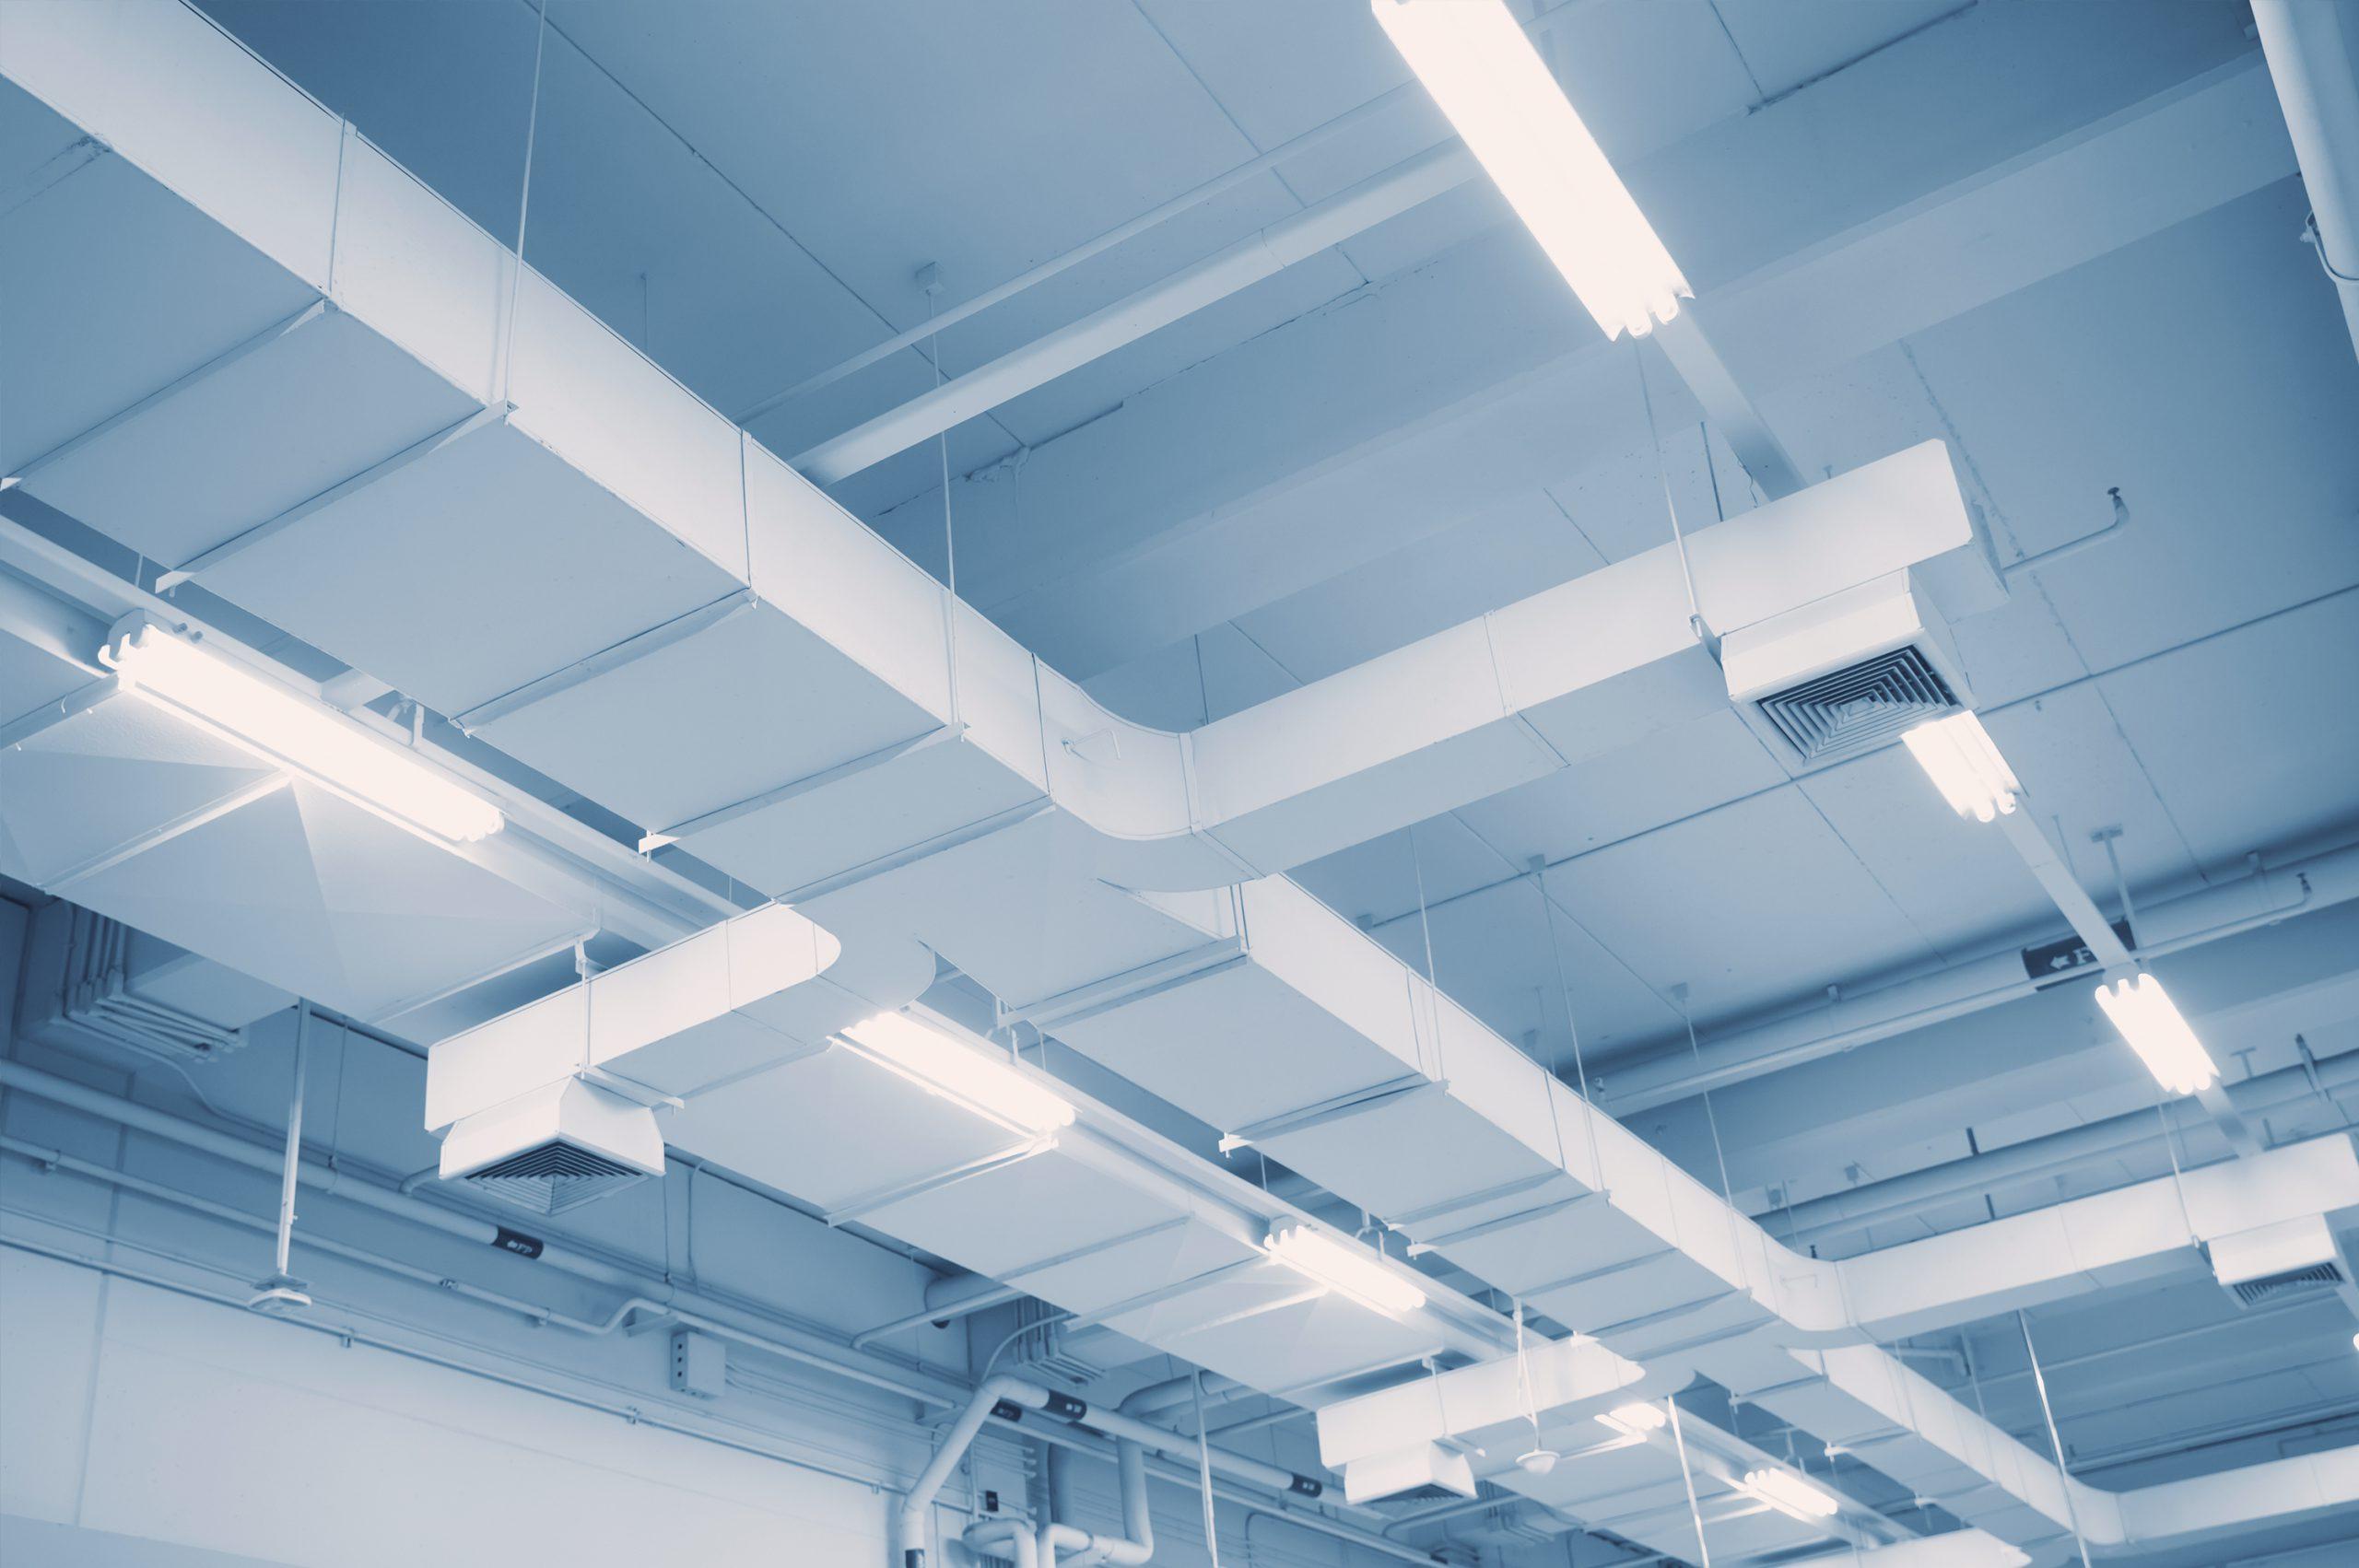 Systemy likwidujące zagrożenie Covid w budynkach oraz systemy oczyszczające powietrze